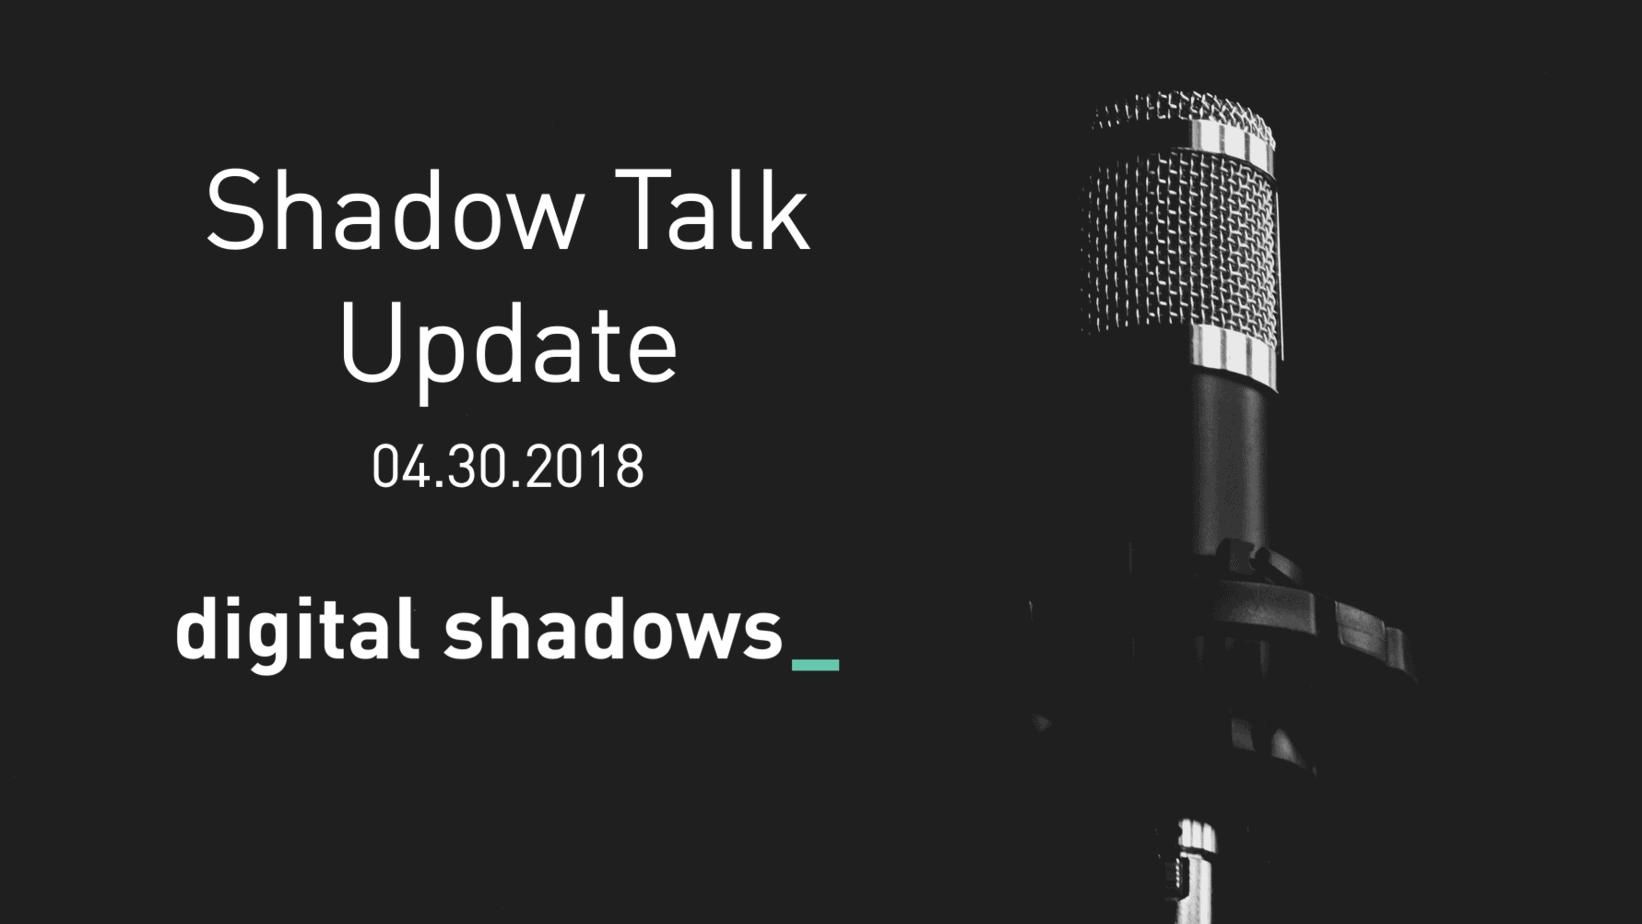 Shadow Talk Update – 04.30.2018